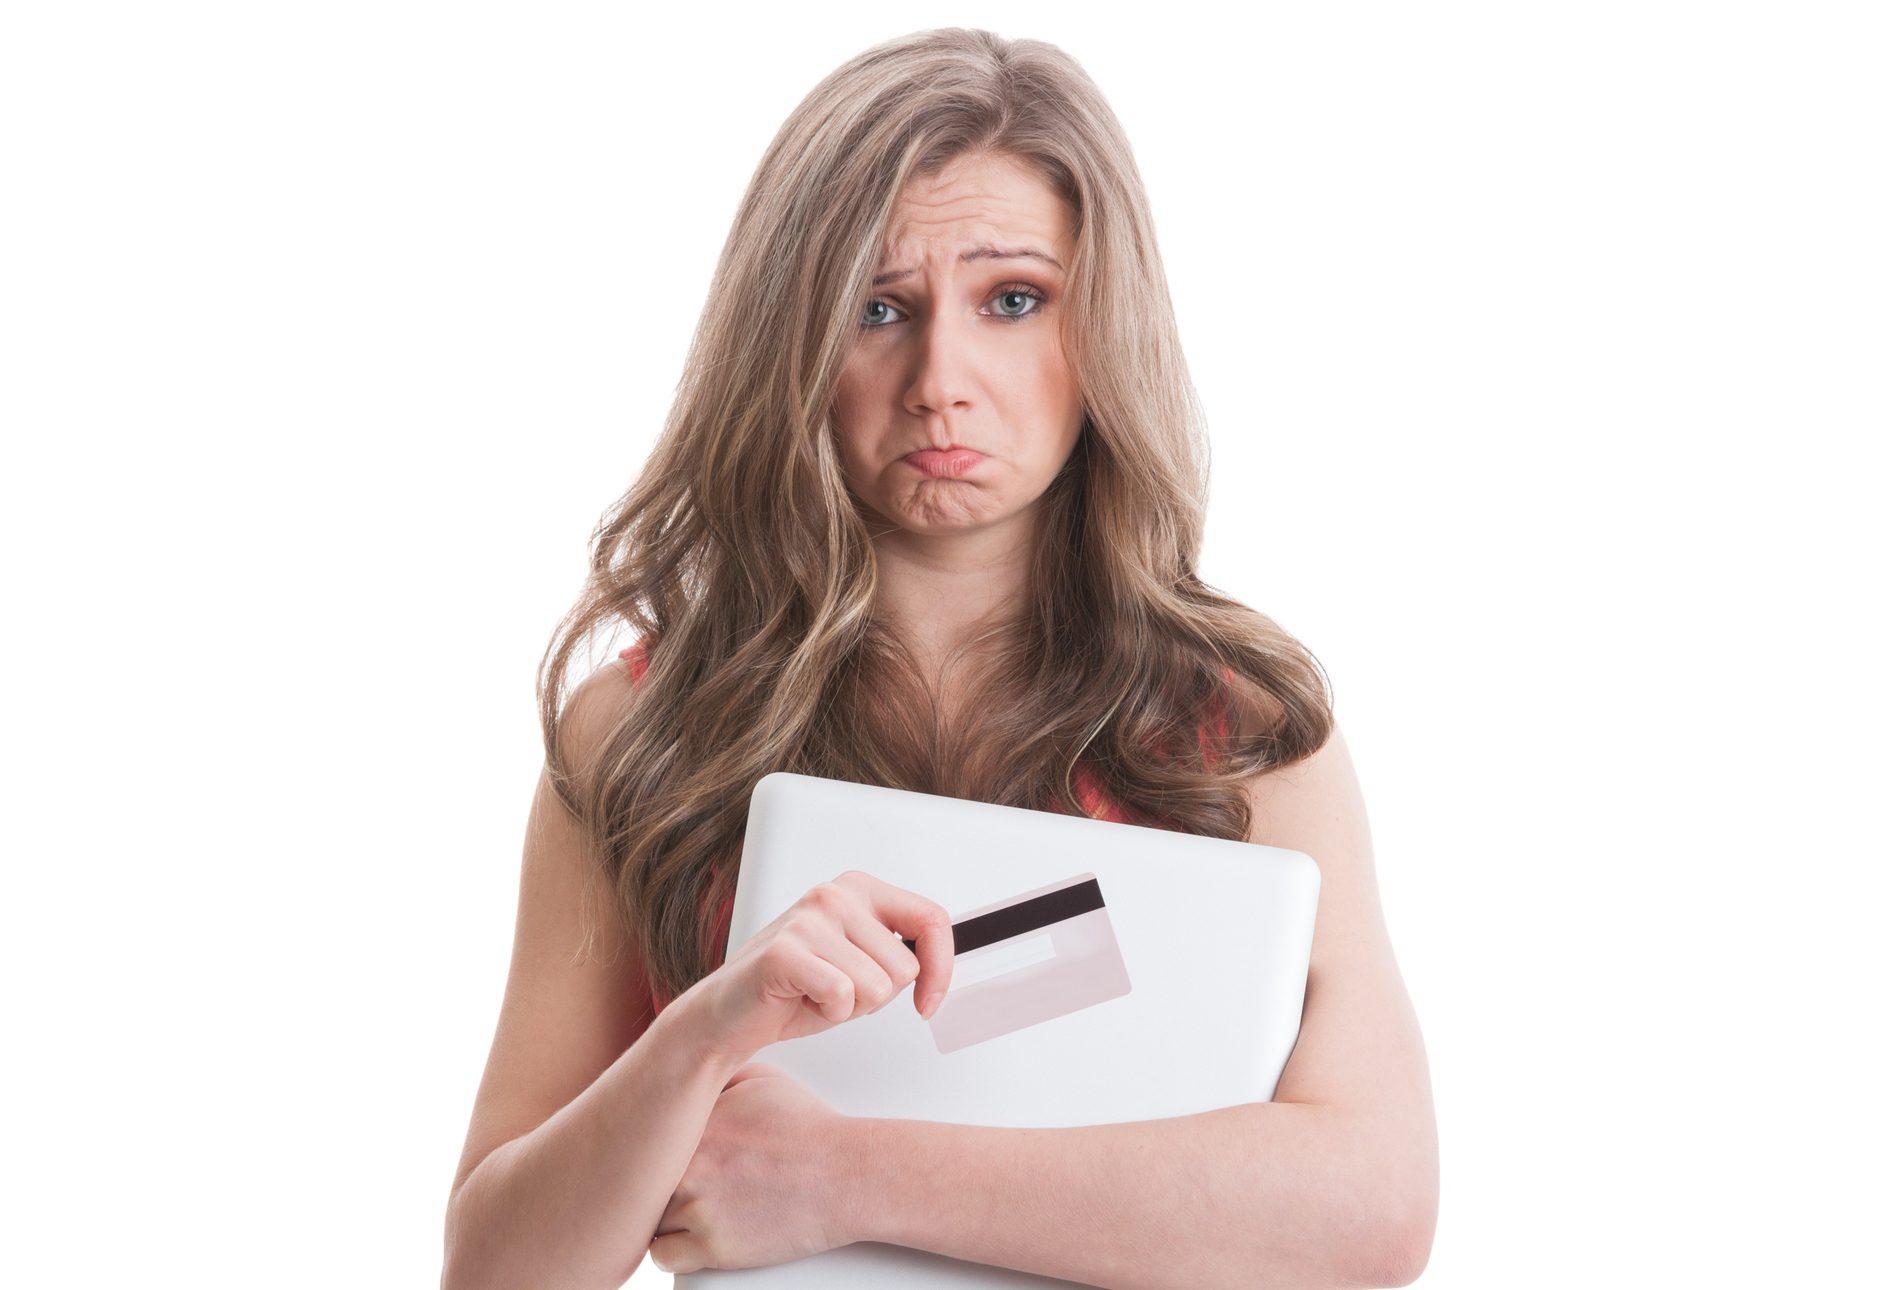 格安SIMのデビットカード契約はおすすめできない!